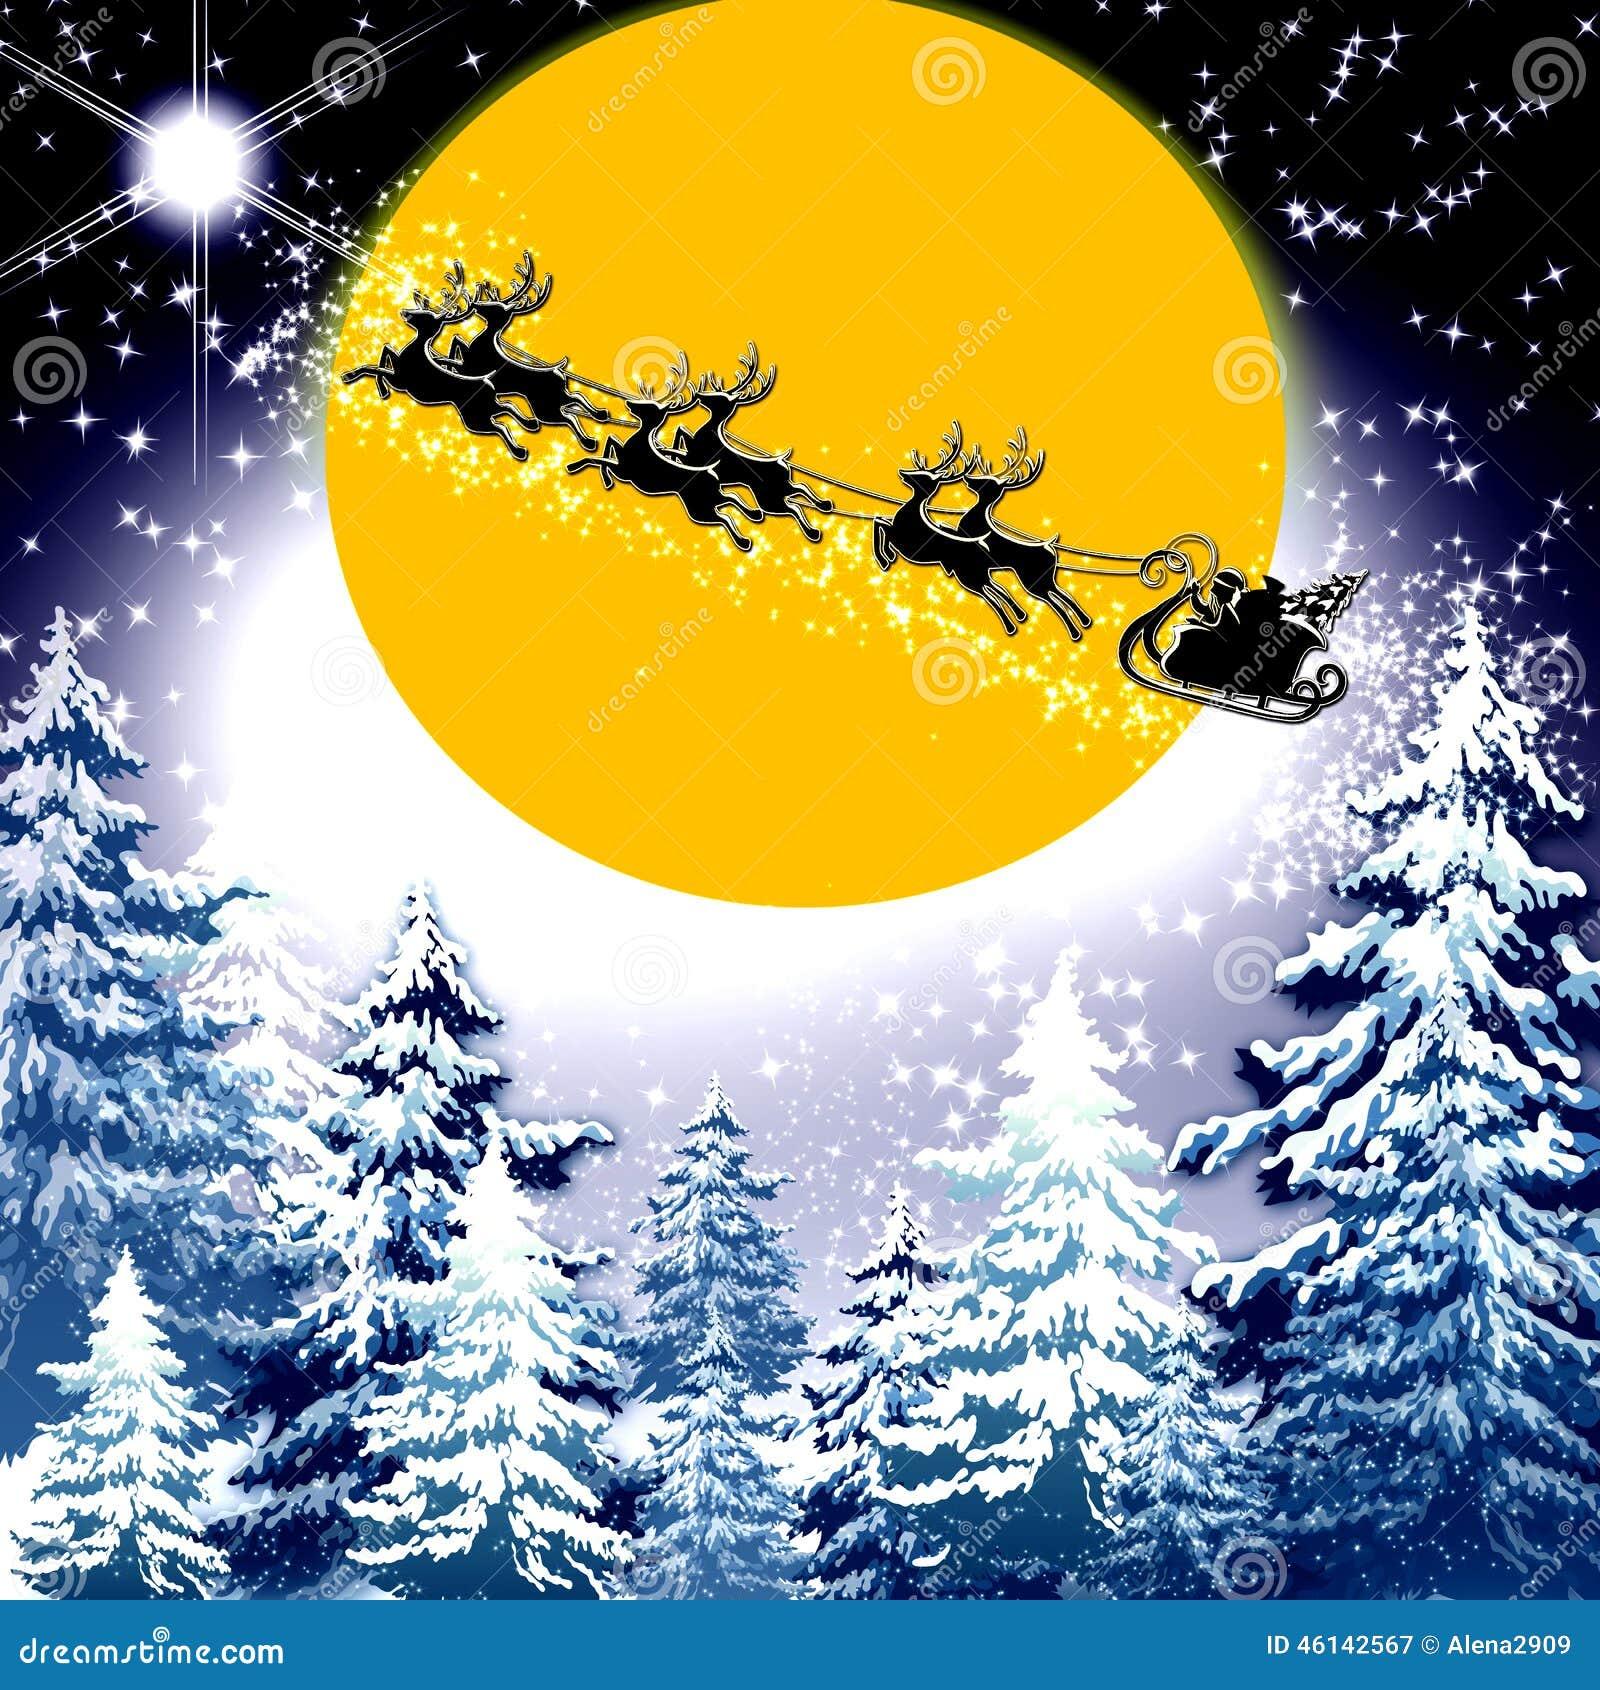 Santa Sleigh And Reindeer Moon